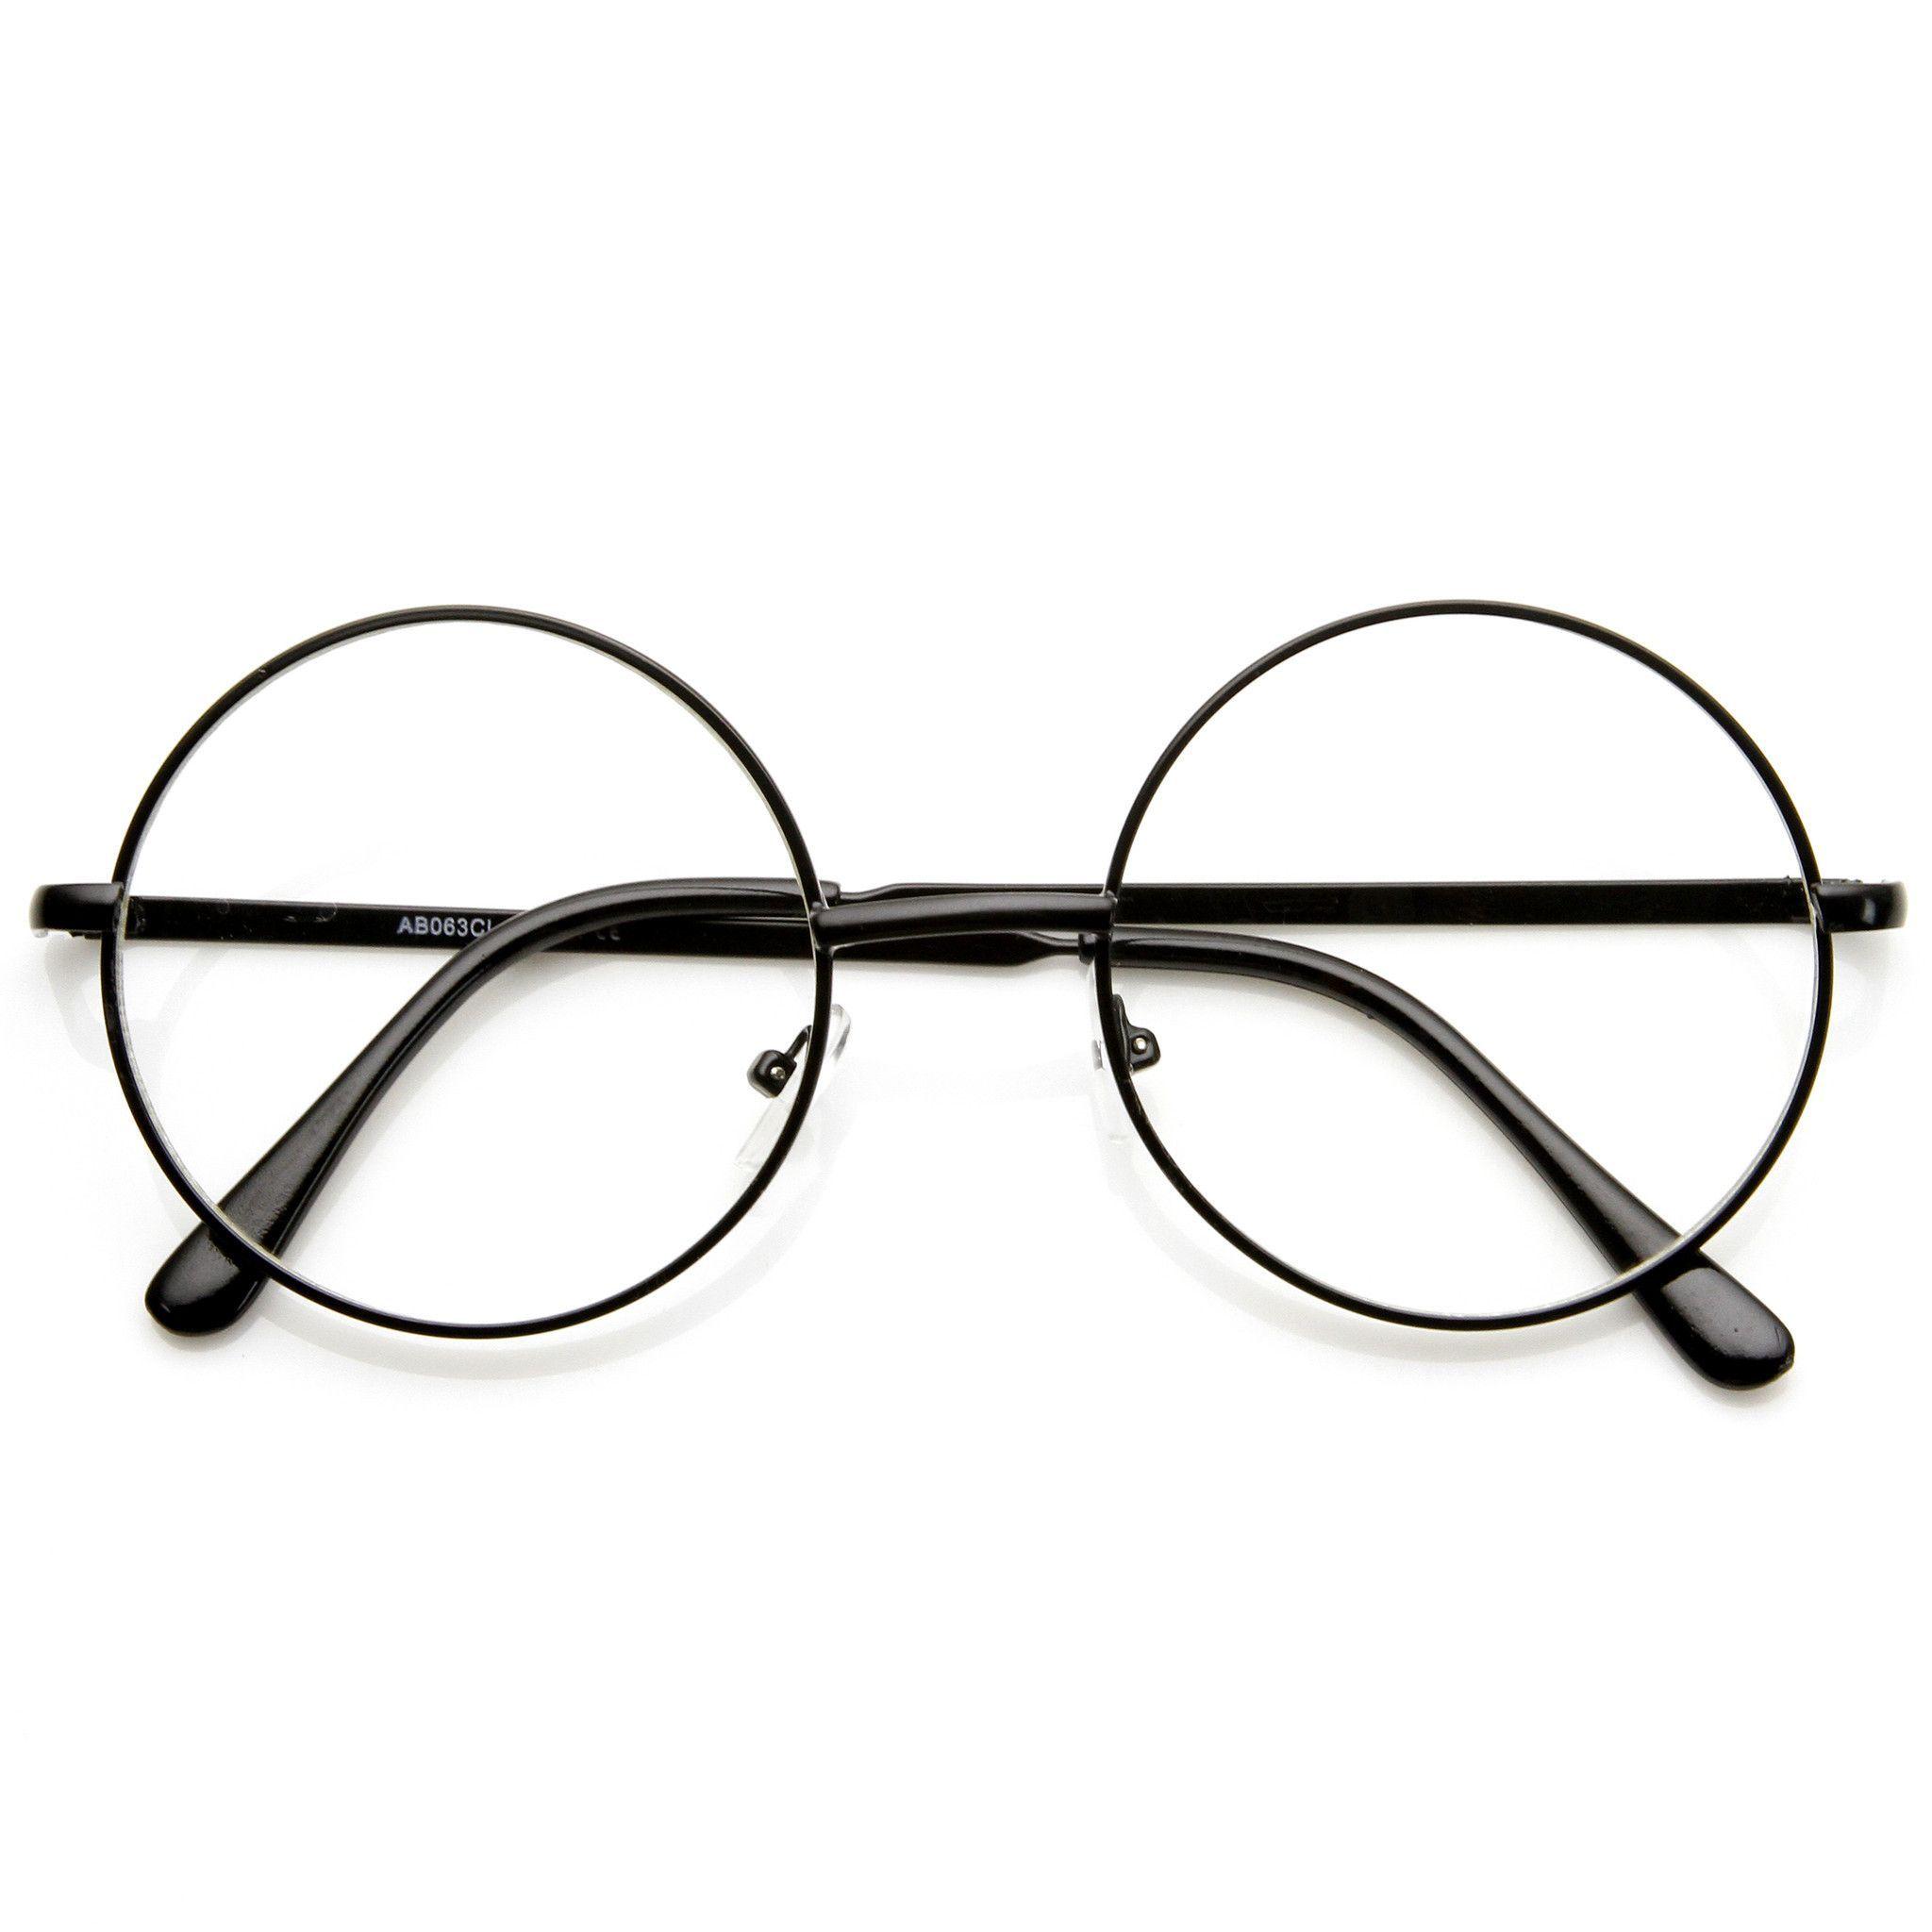 8c8ff0565bb Vintage Lennon Inspired Clear Lens Round Frame Glasses 9222